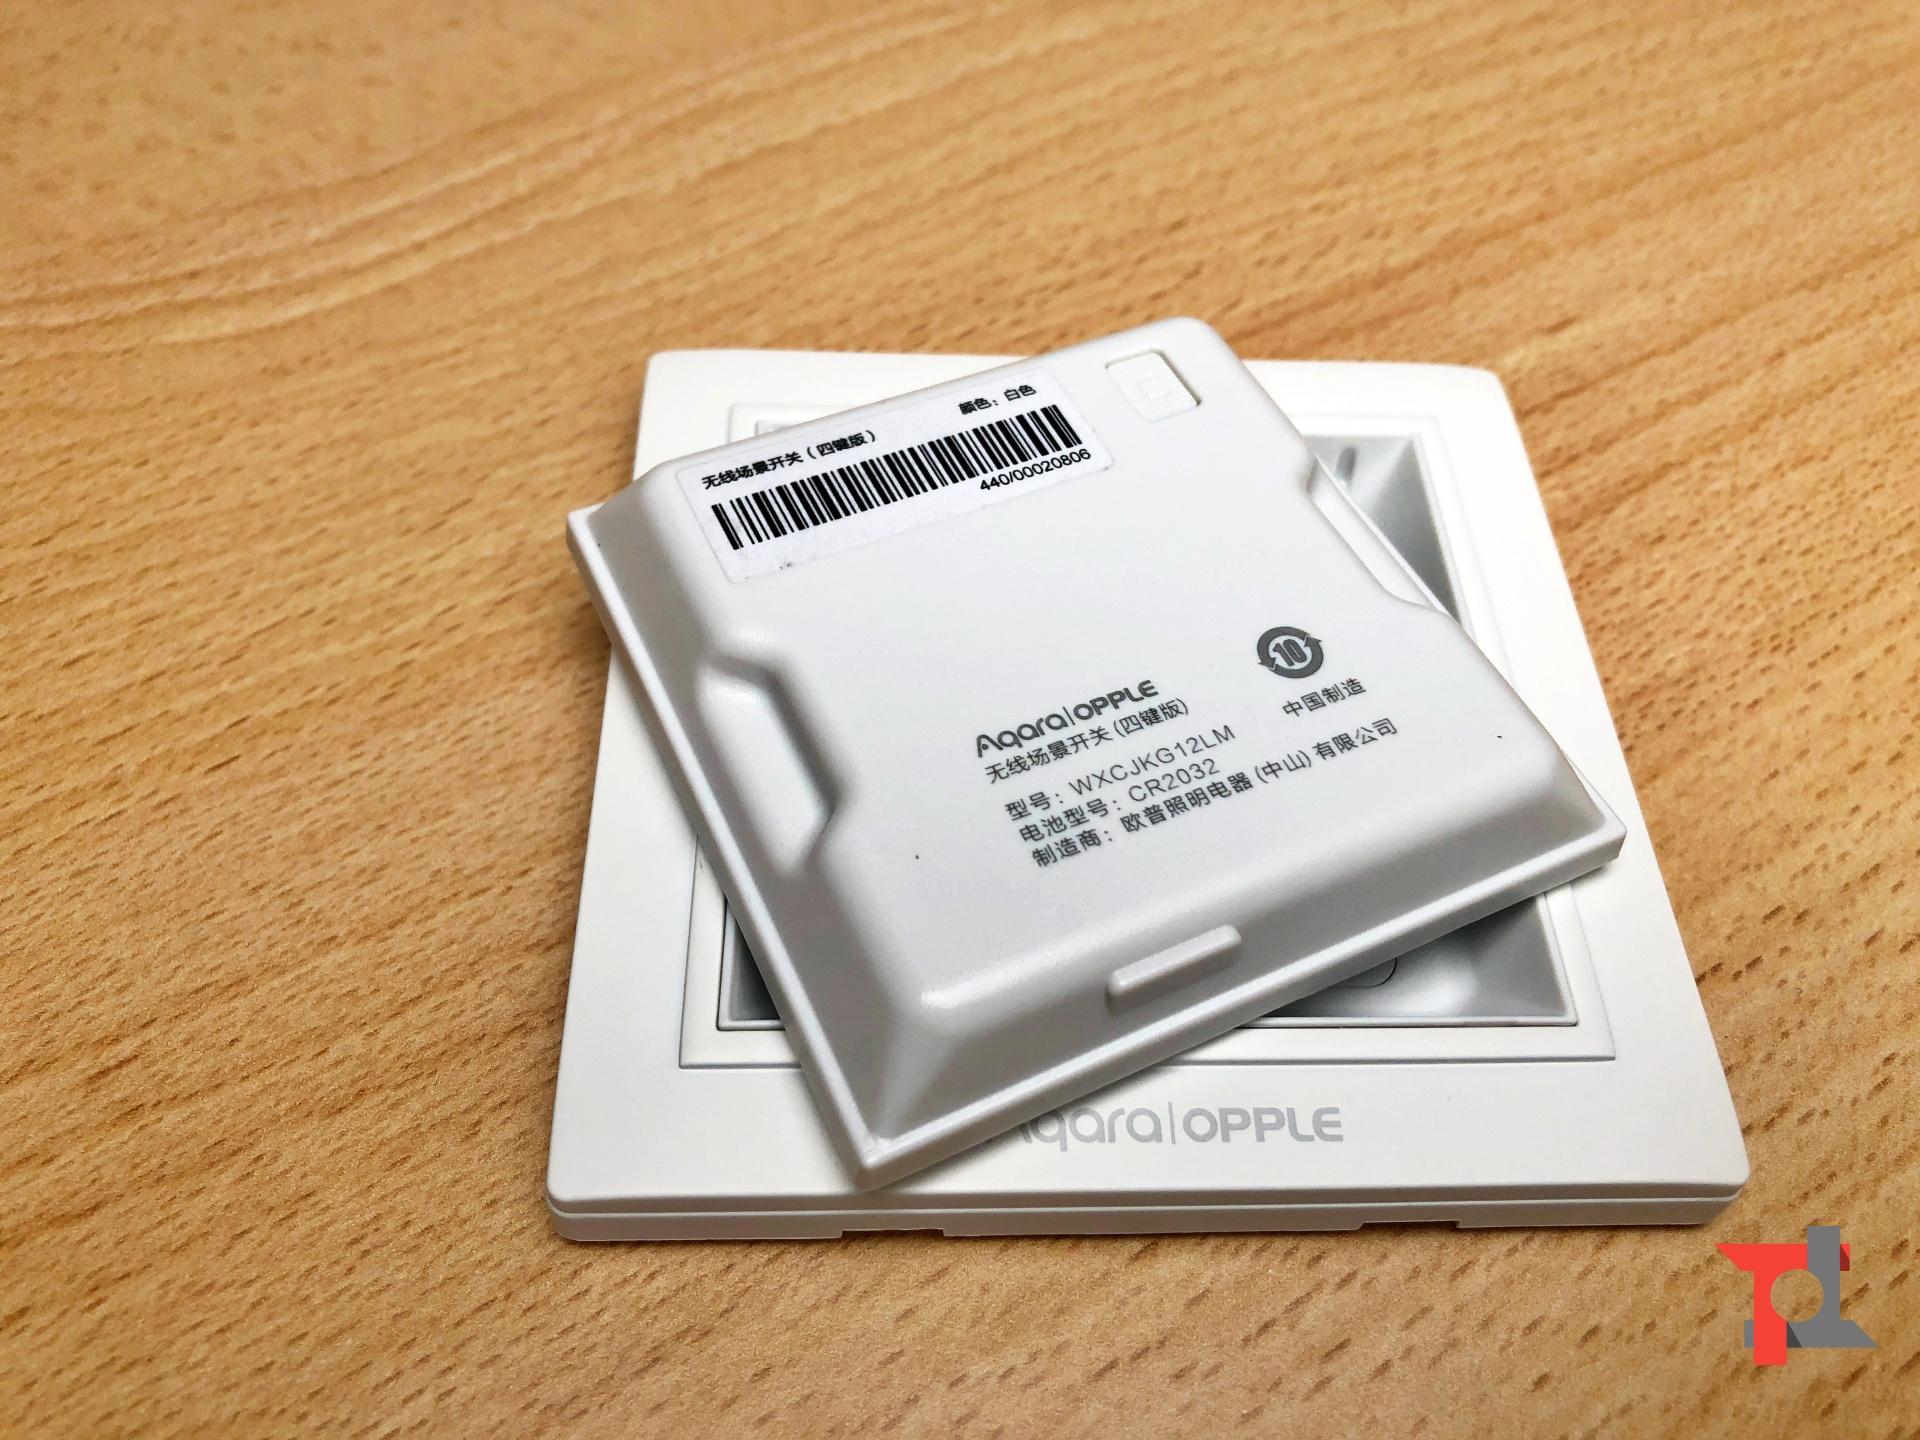 Recensione Aqara OPPLE Wireless Switch a 4 vie, soluzione perfetta per la domotica 1